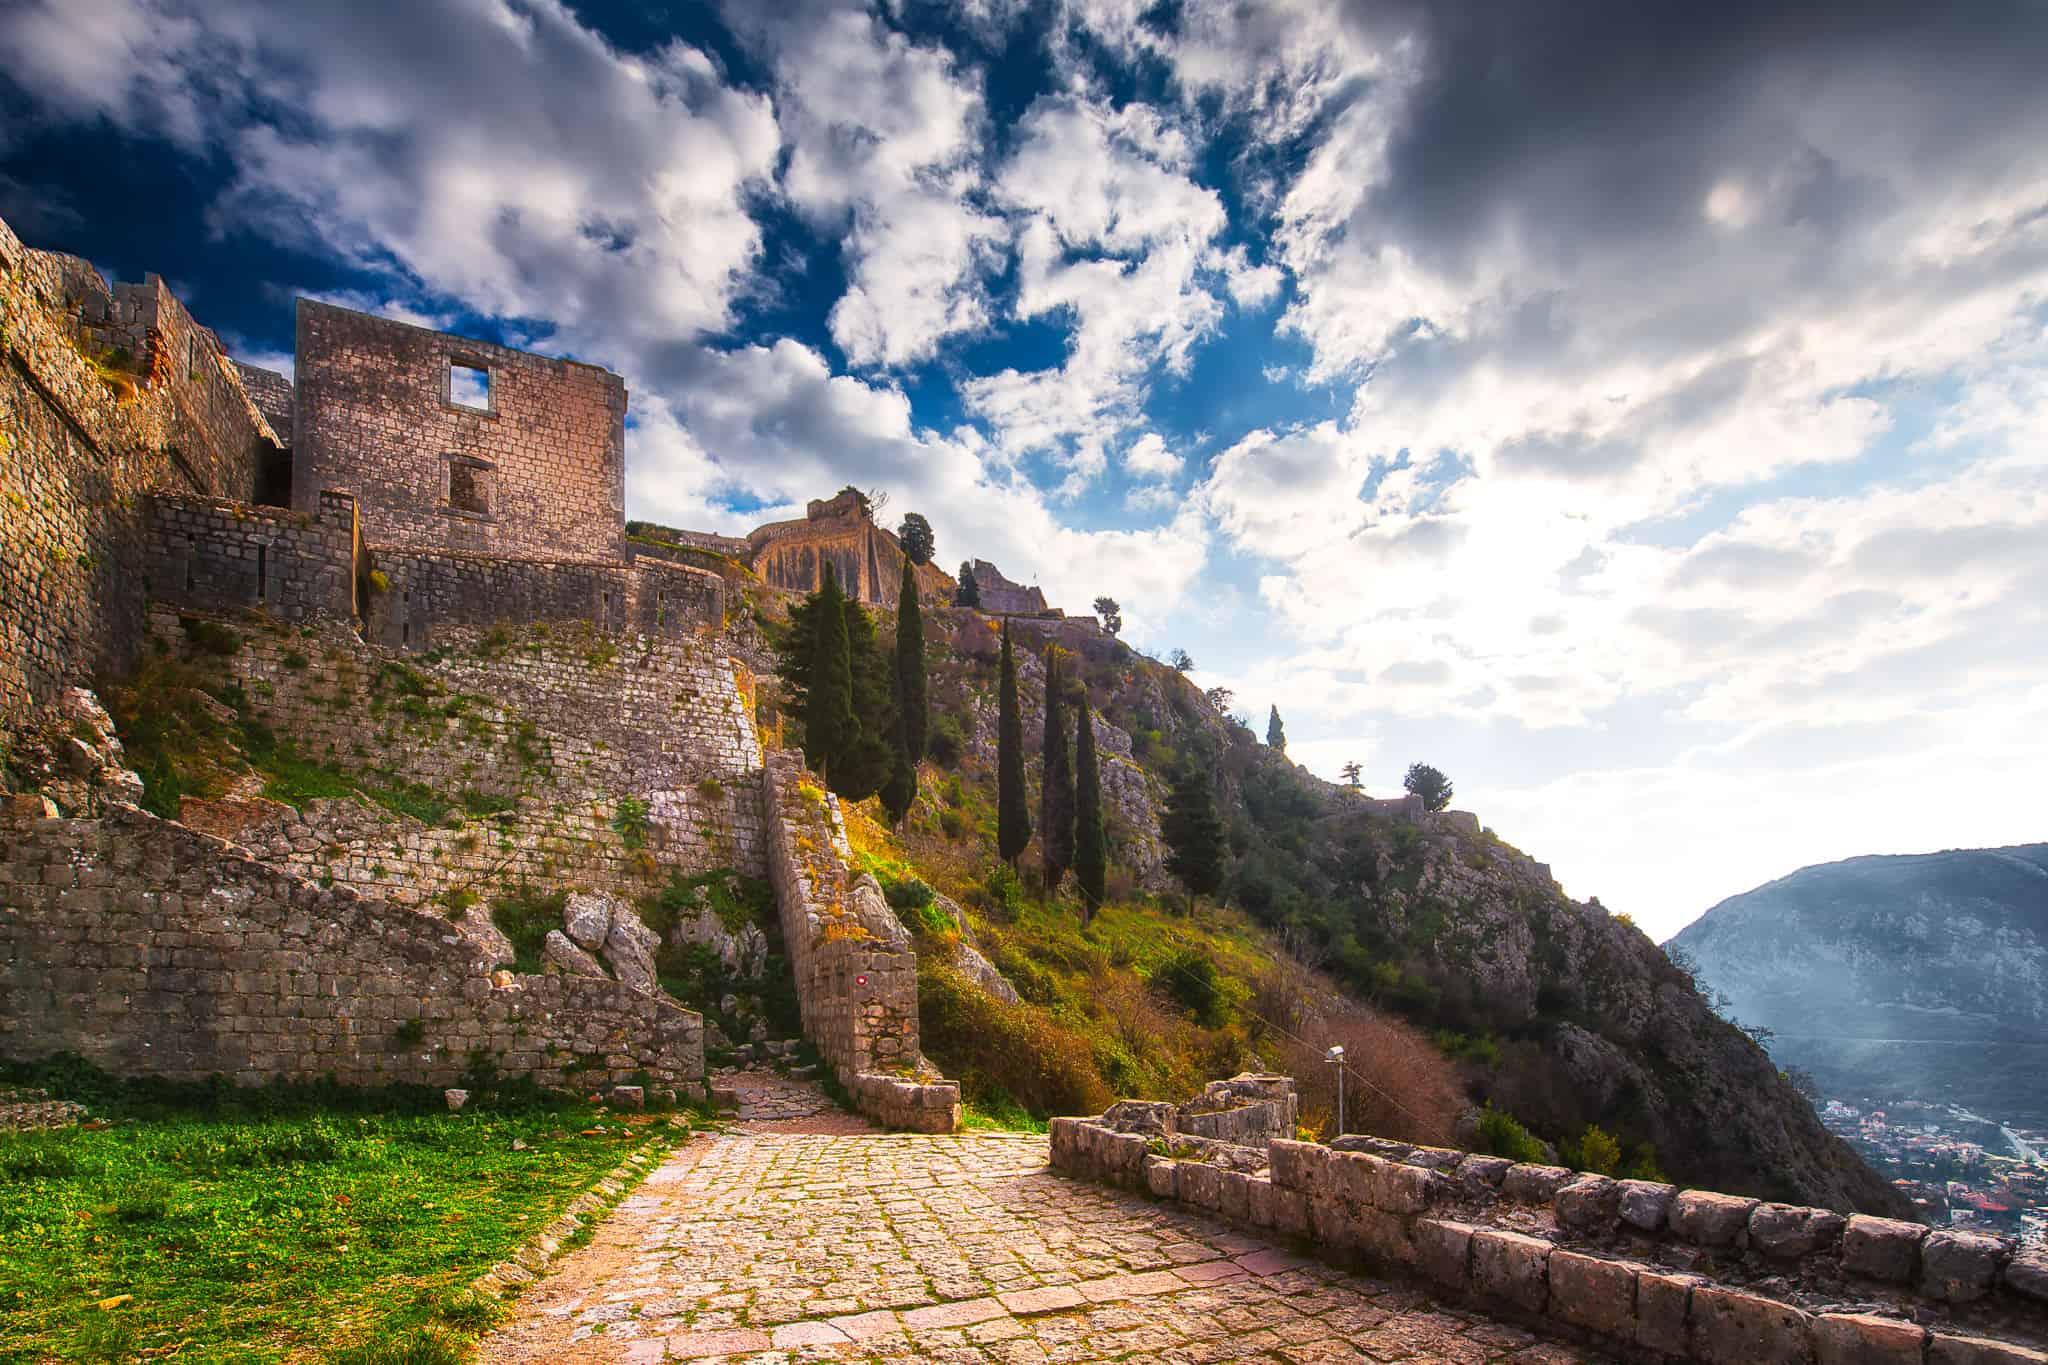 St. John's Castle of Kotor Old Town